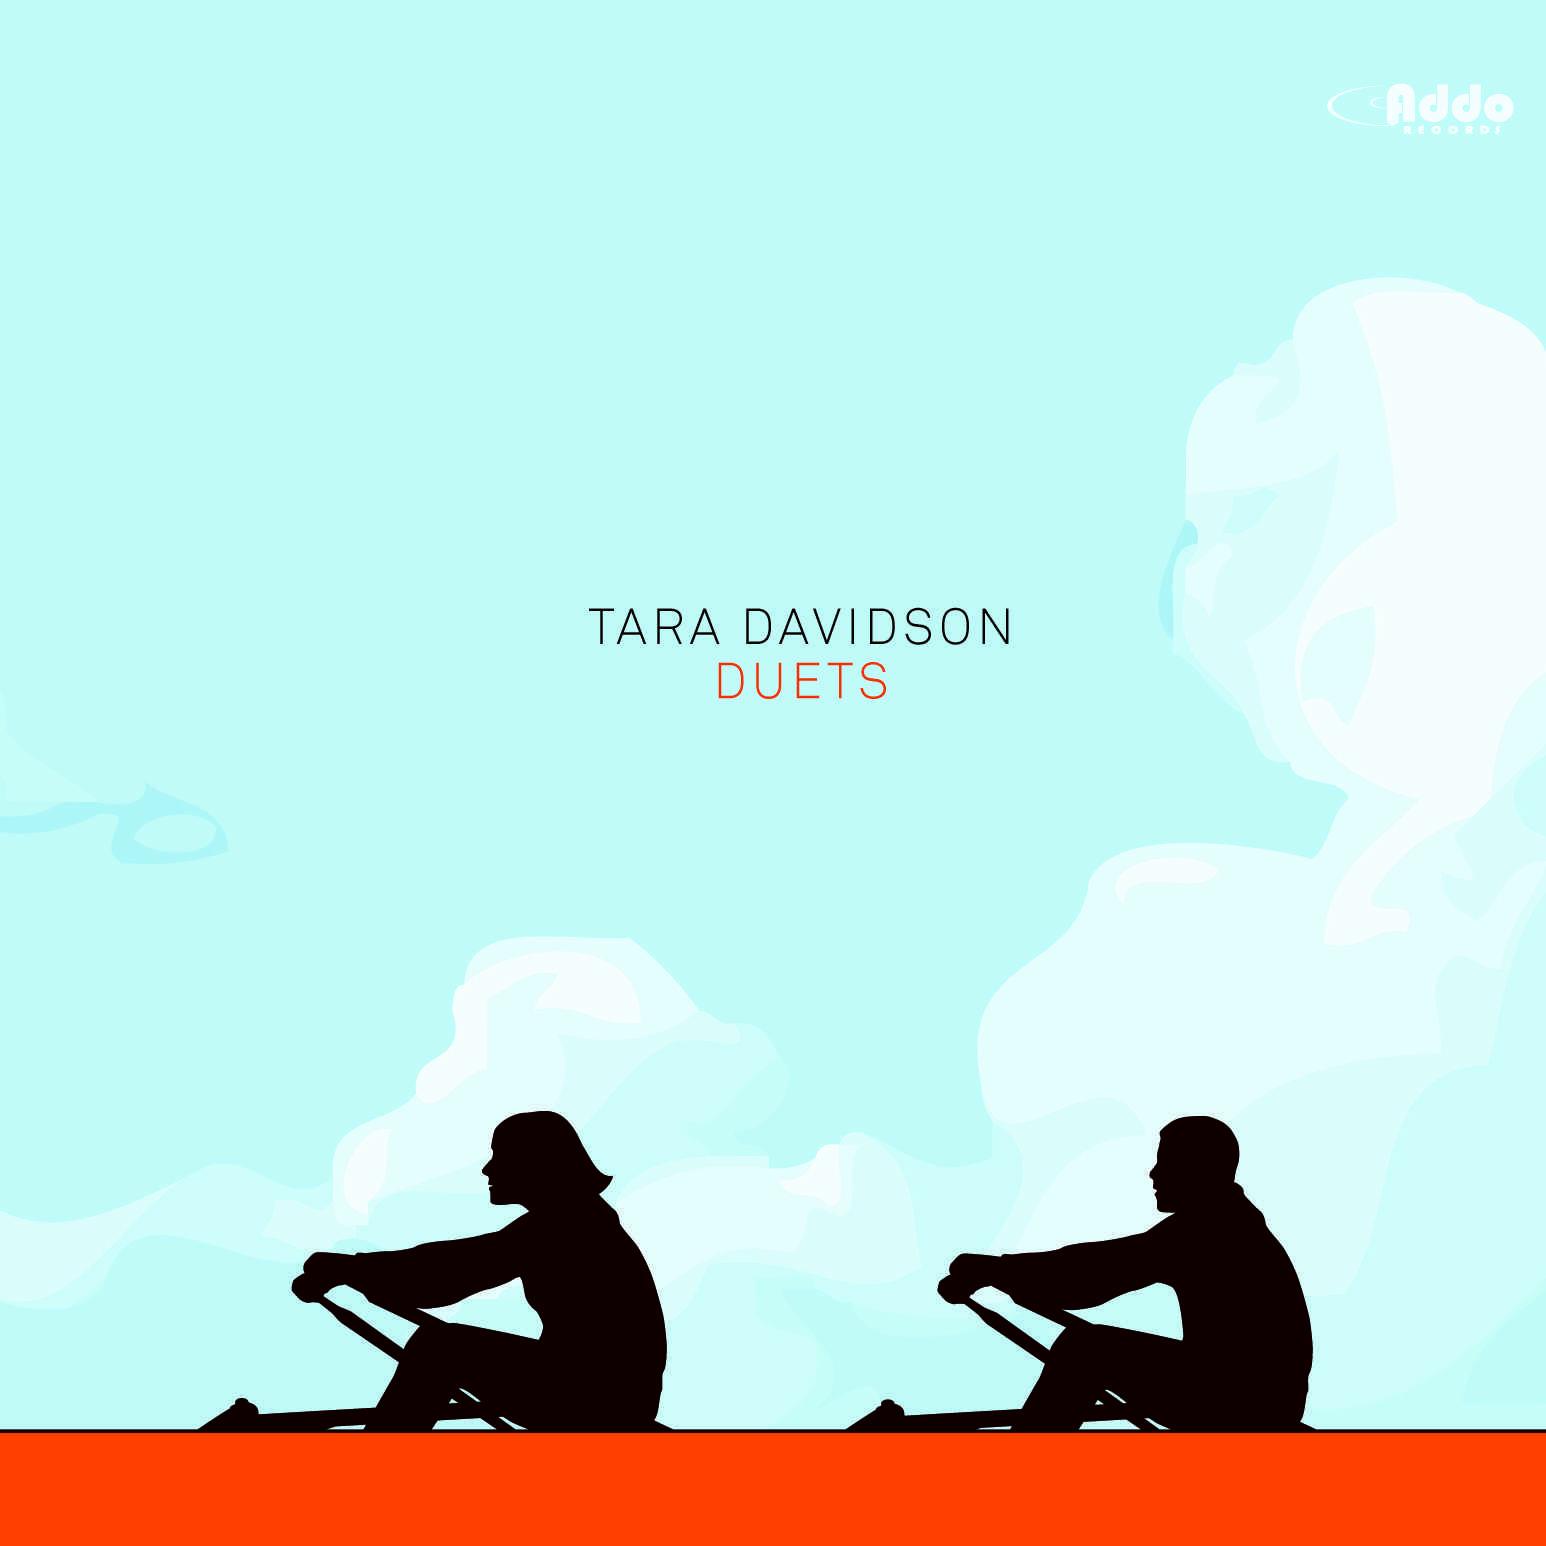 Tara Davidson - Duets